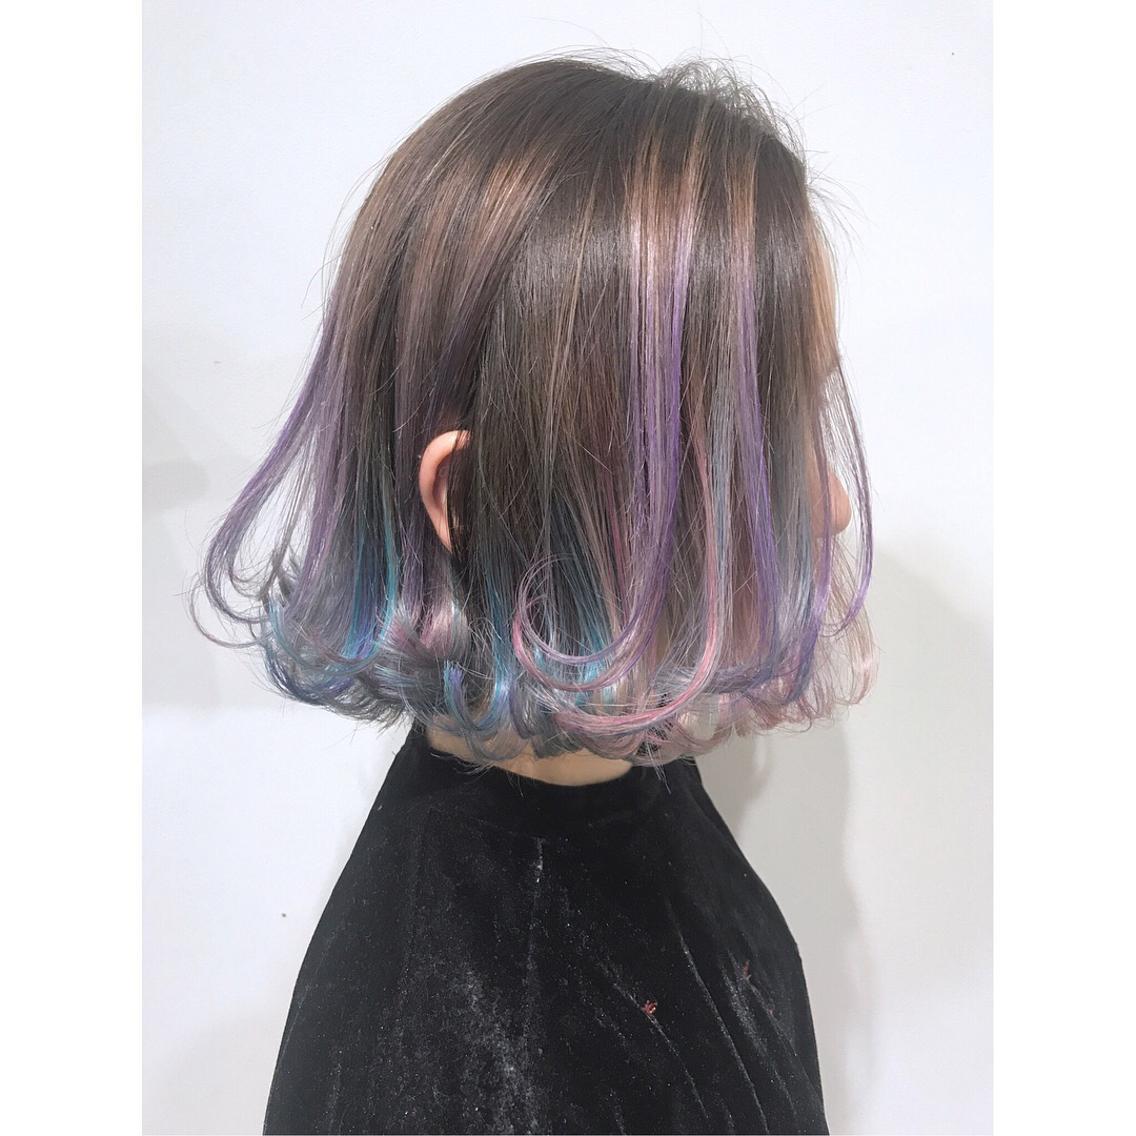 ショート カラー ♡ユニコーンカラー♡ ターコイズ×ブルー×バイオレットピンク